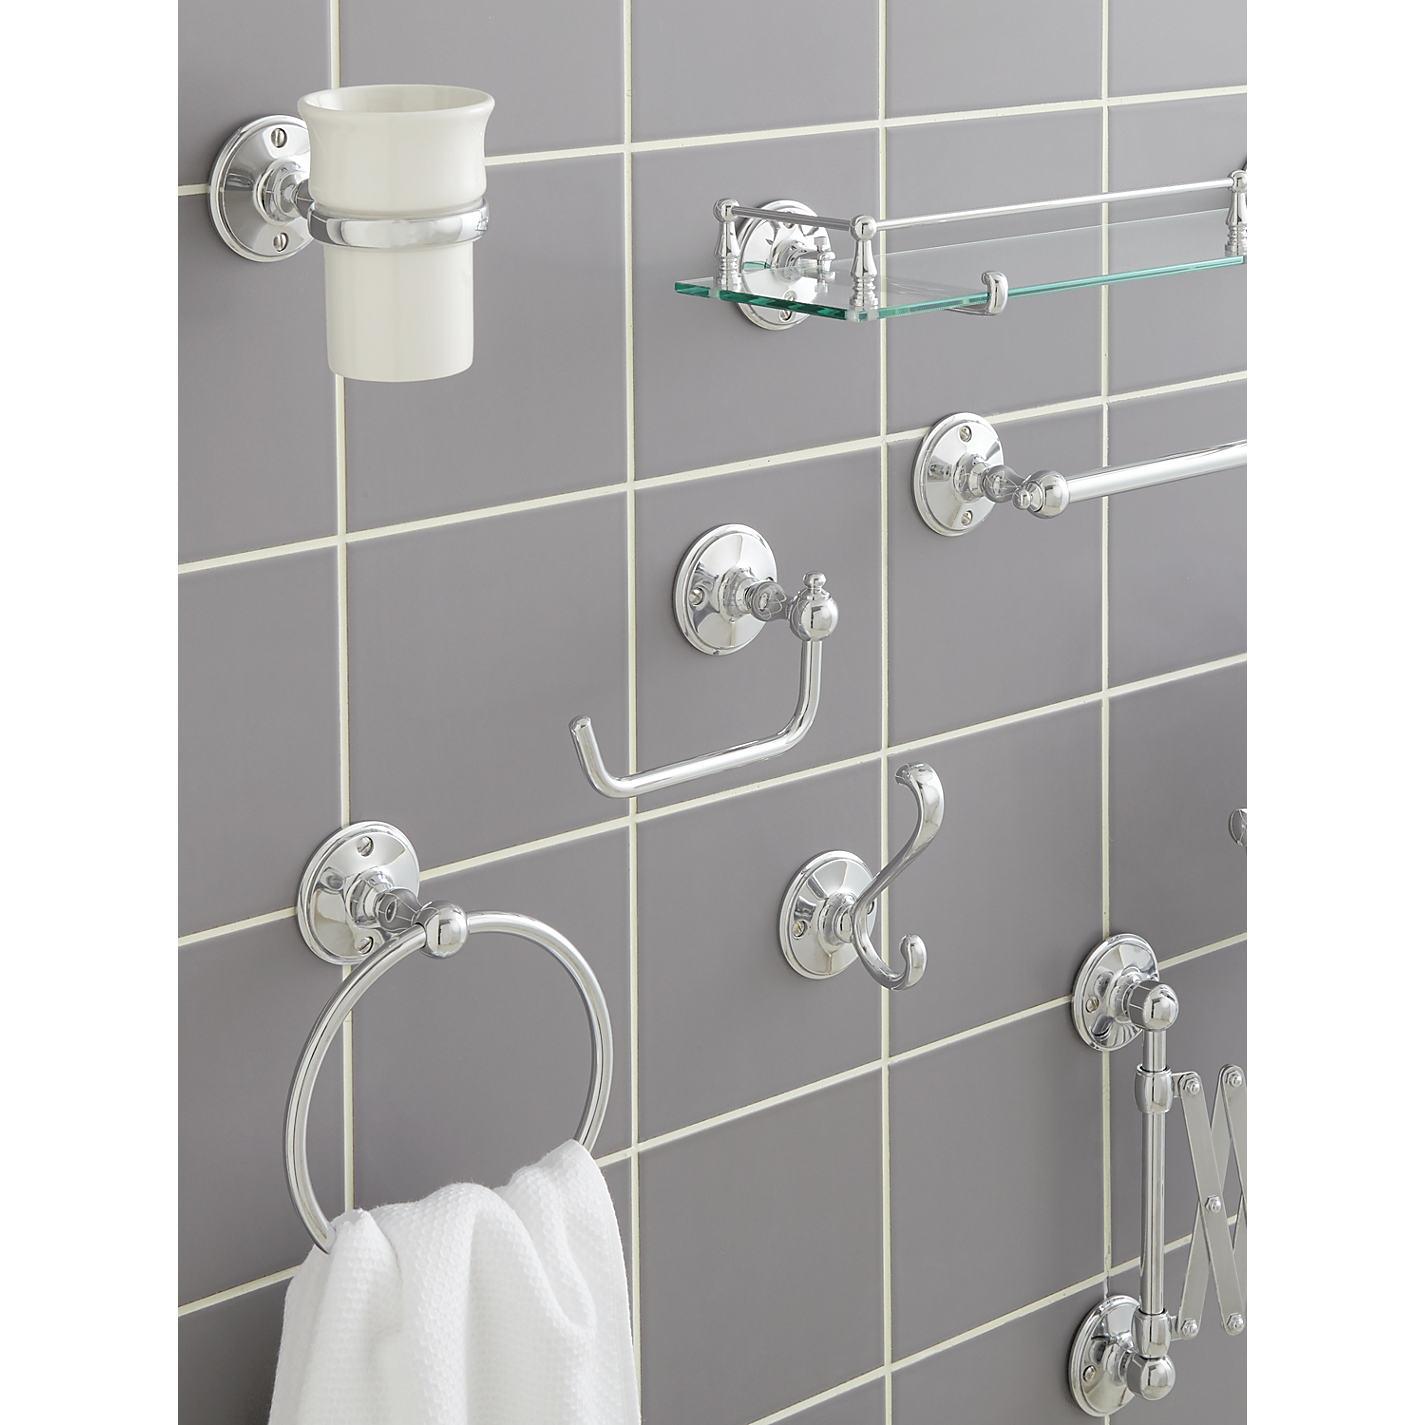 Great Buy Miller Stockholm Bathroom Fitting Range Online At Johnlewis.com ...